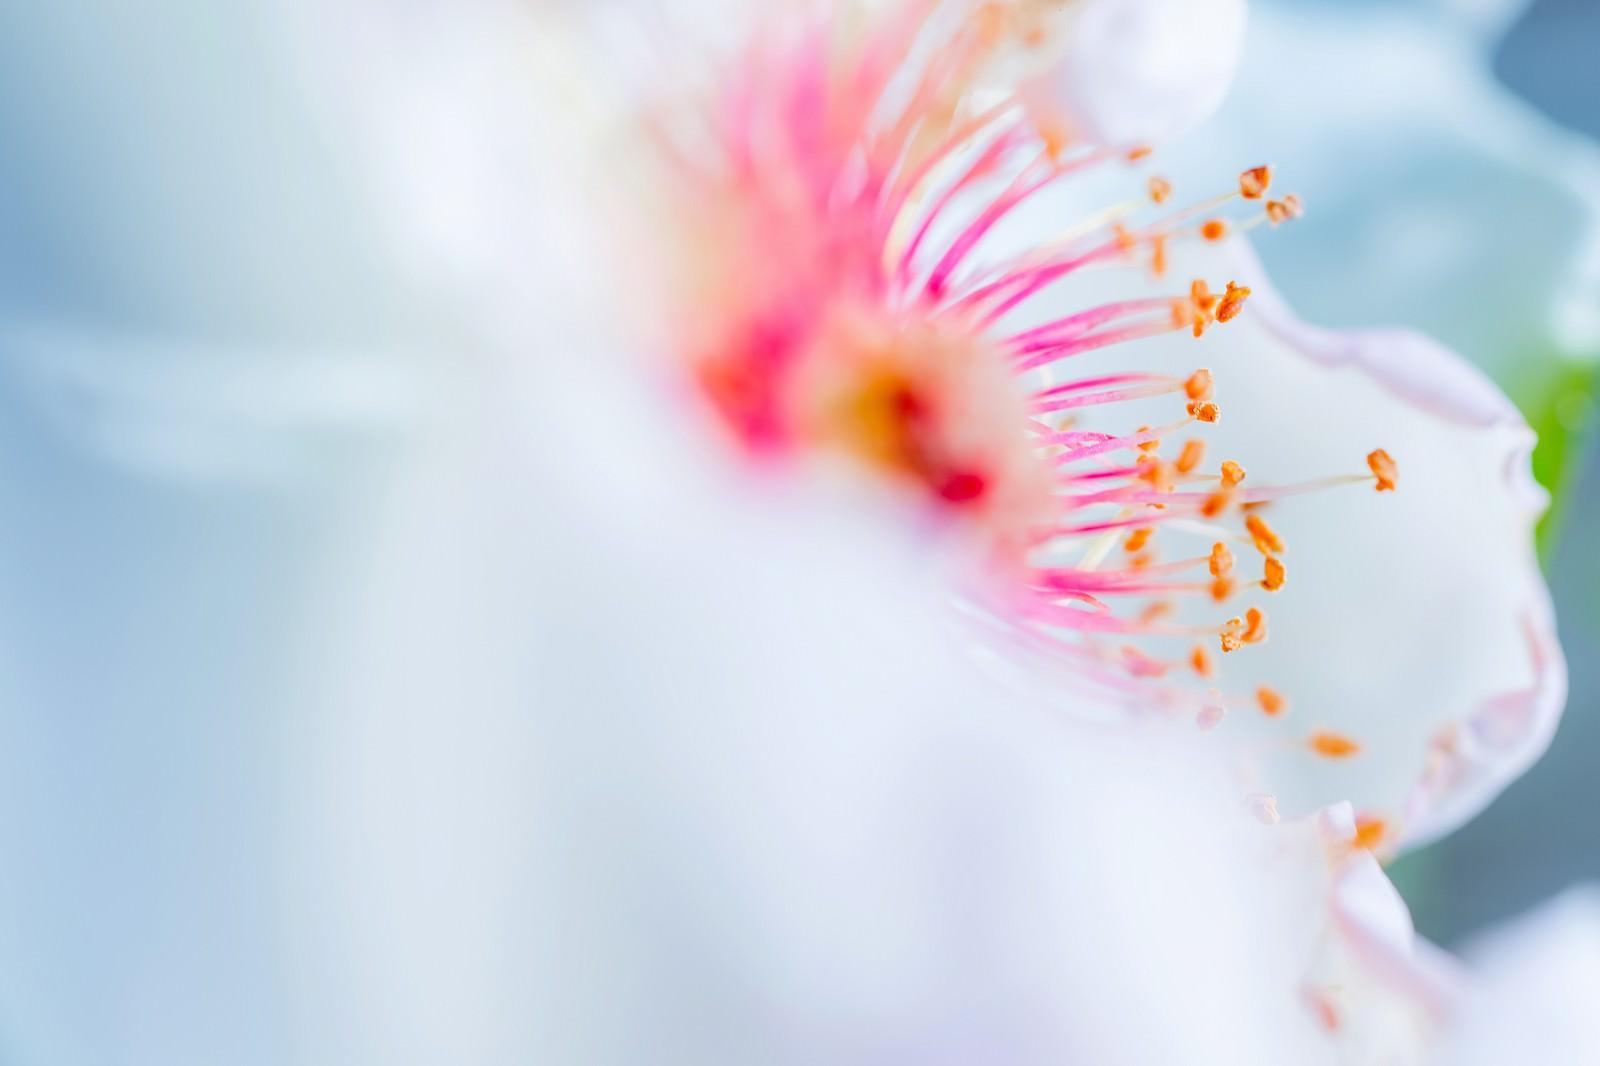 「白い花びらとピンクの雄しべ(マクロ)」の写真